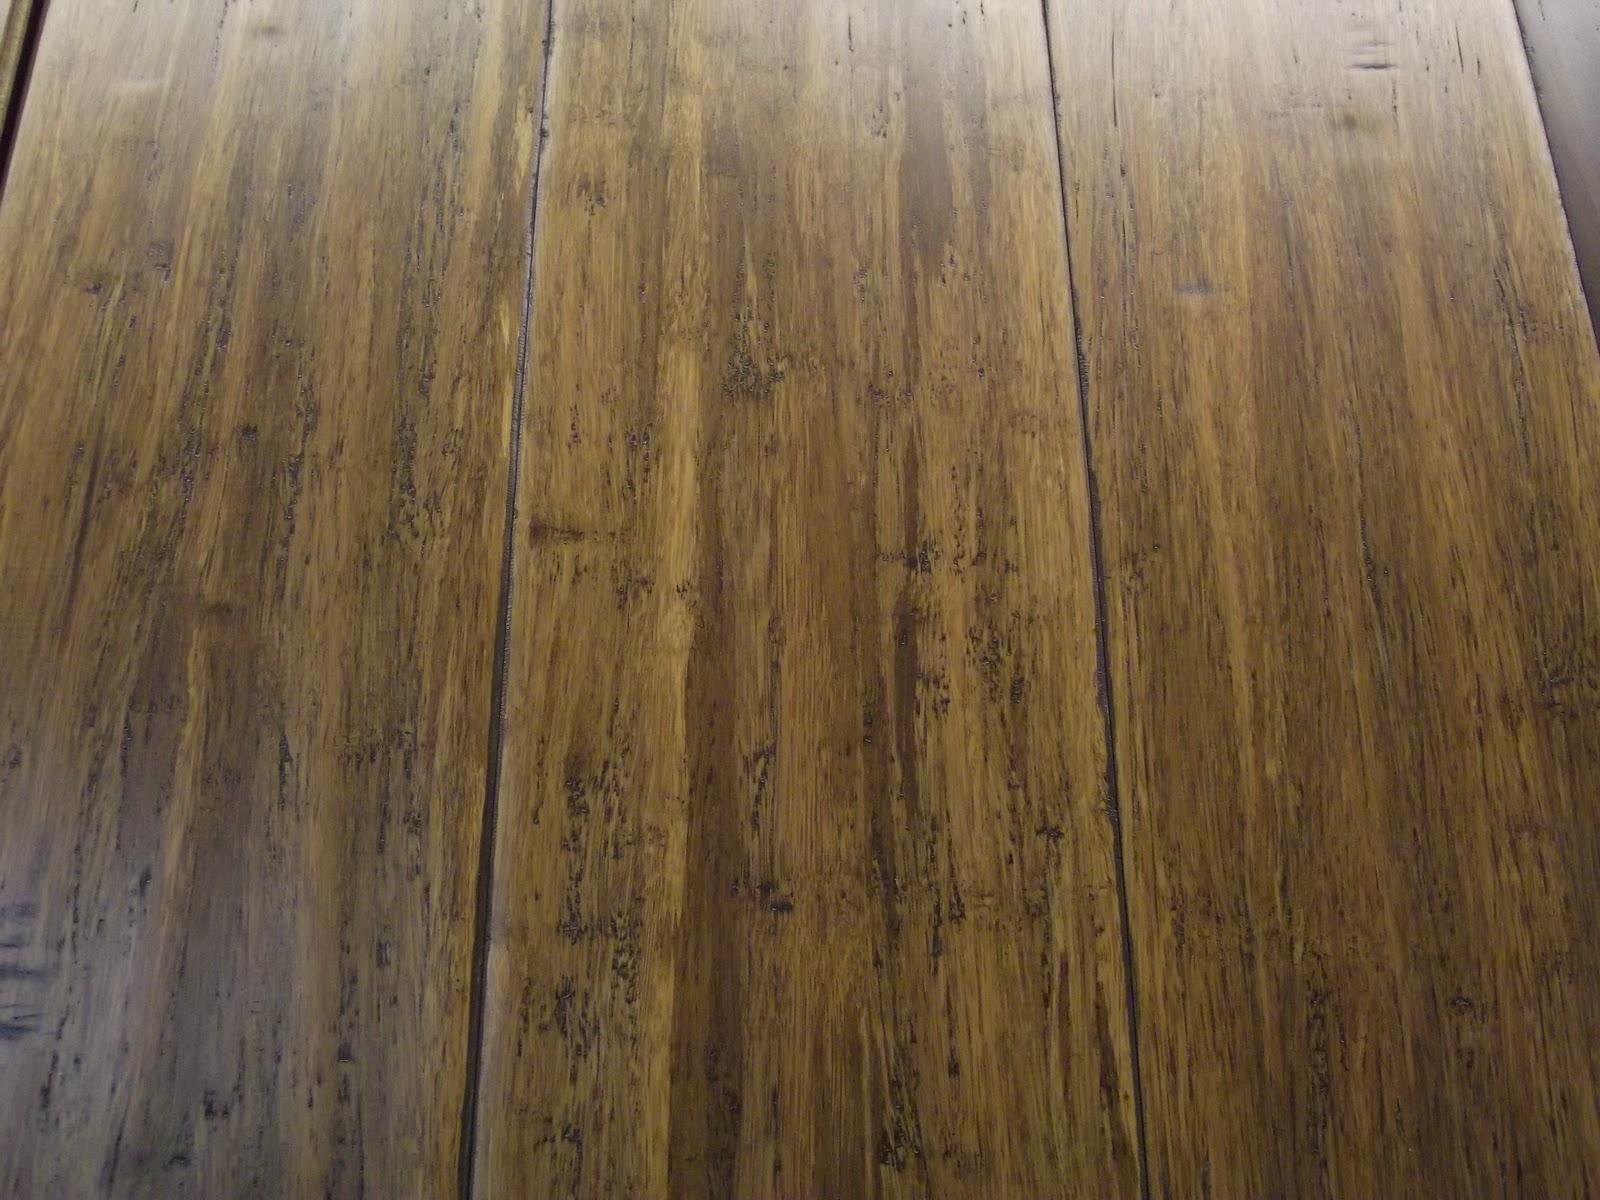 Strand Woven Bamboo Flooring Denver Co Mytravertine Com